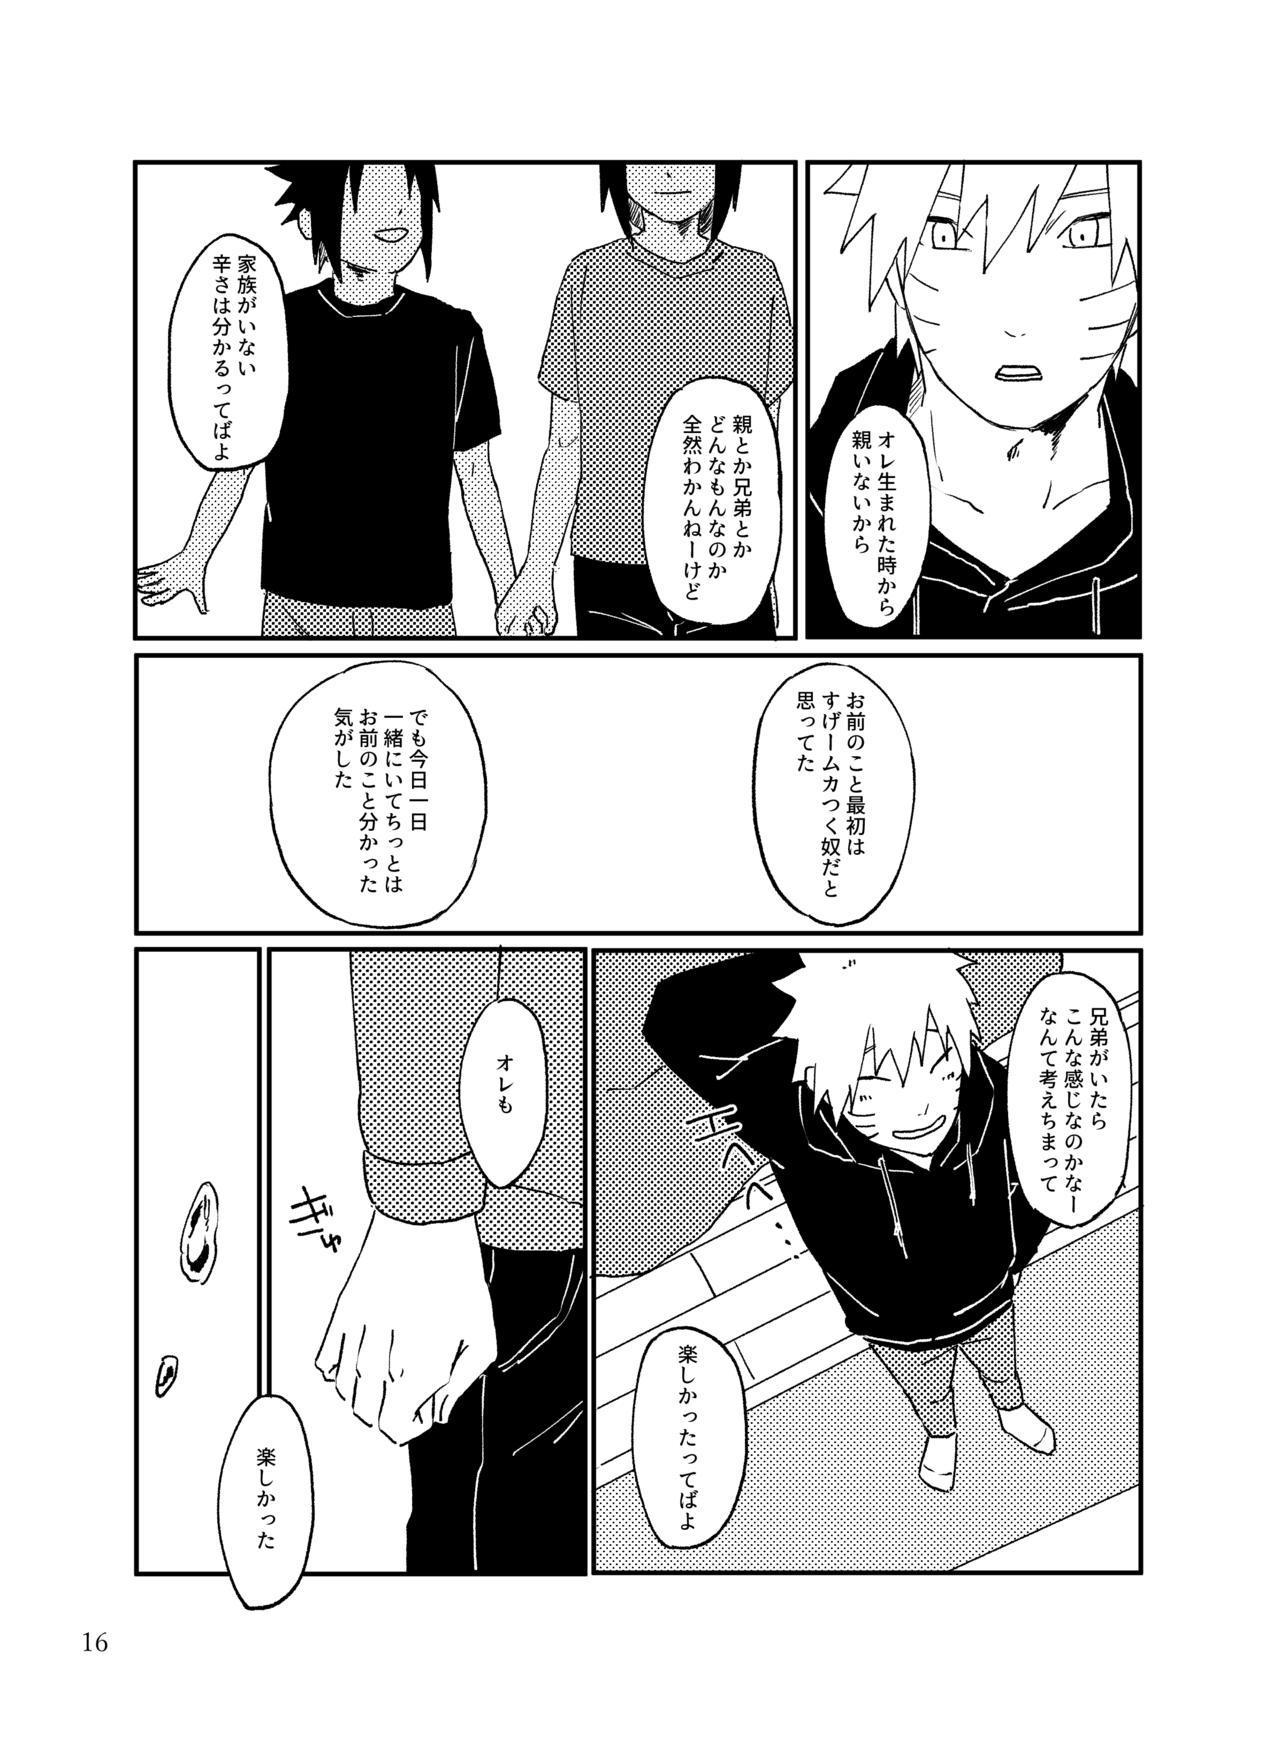 Tonari no Aitsu 14